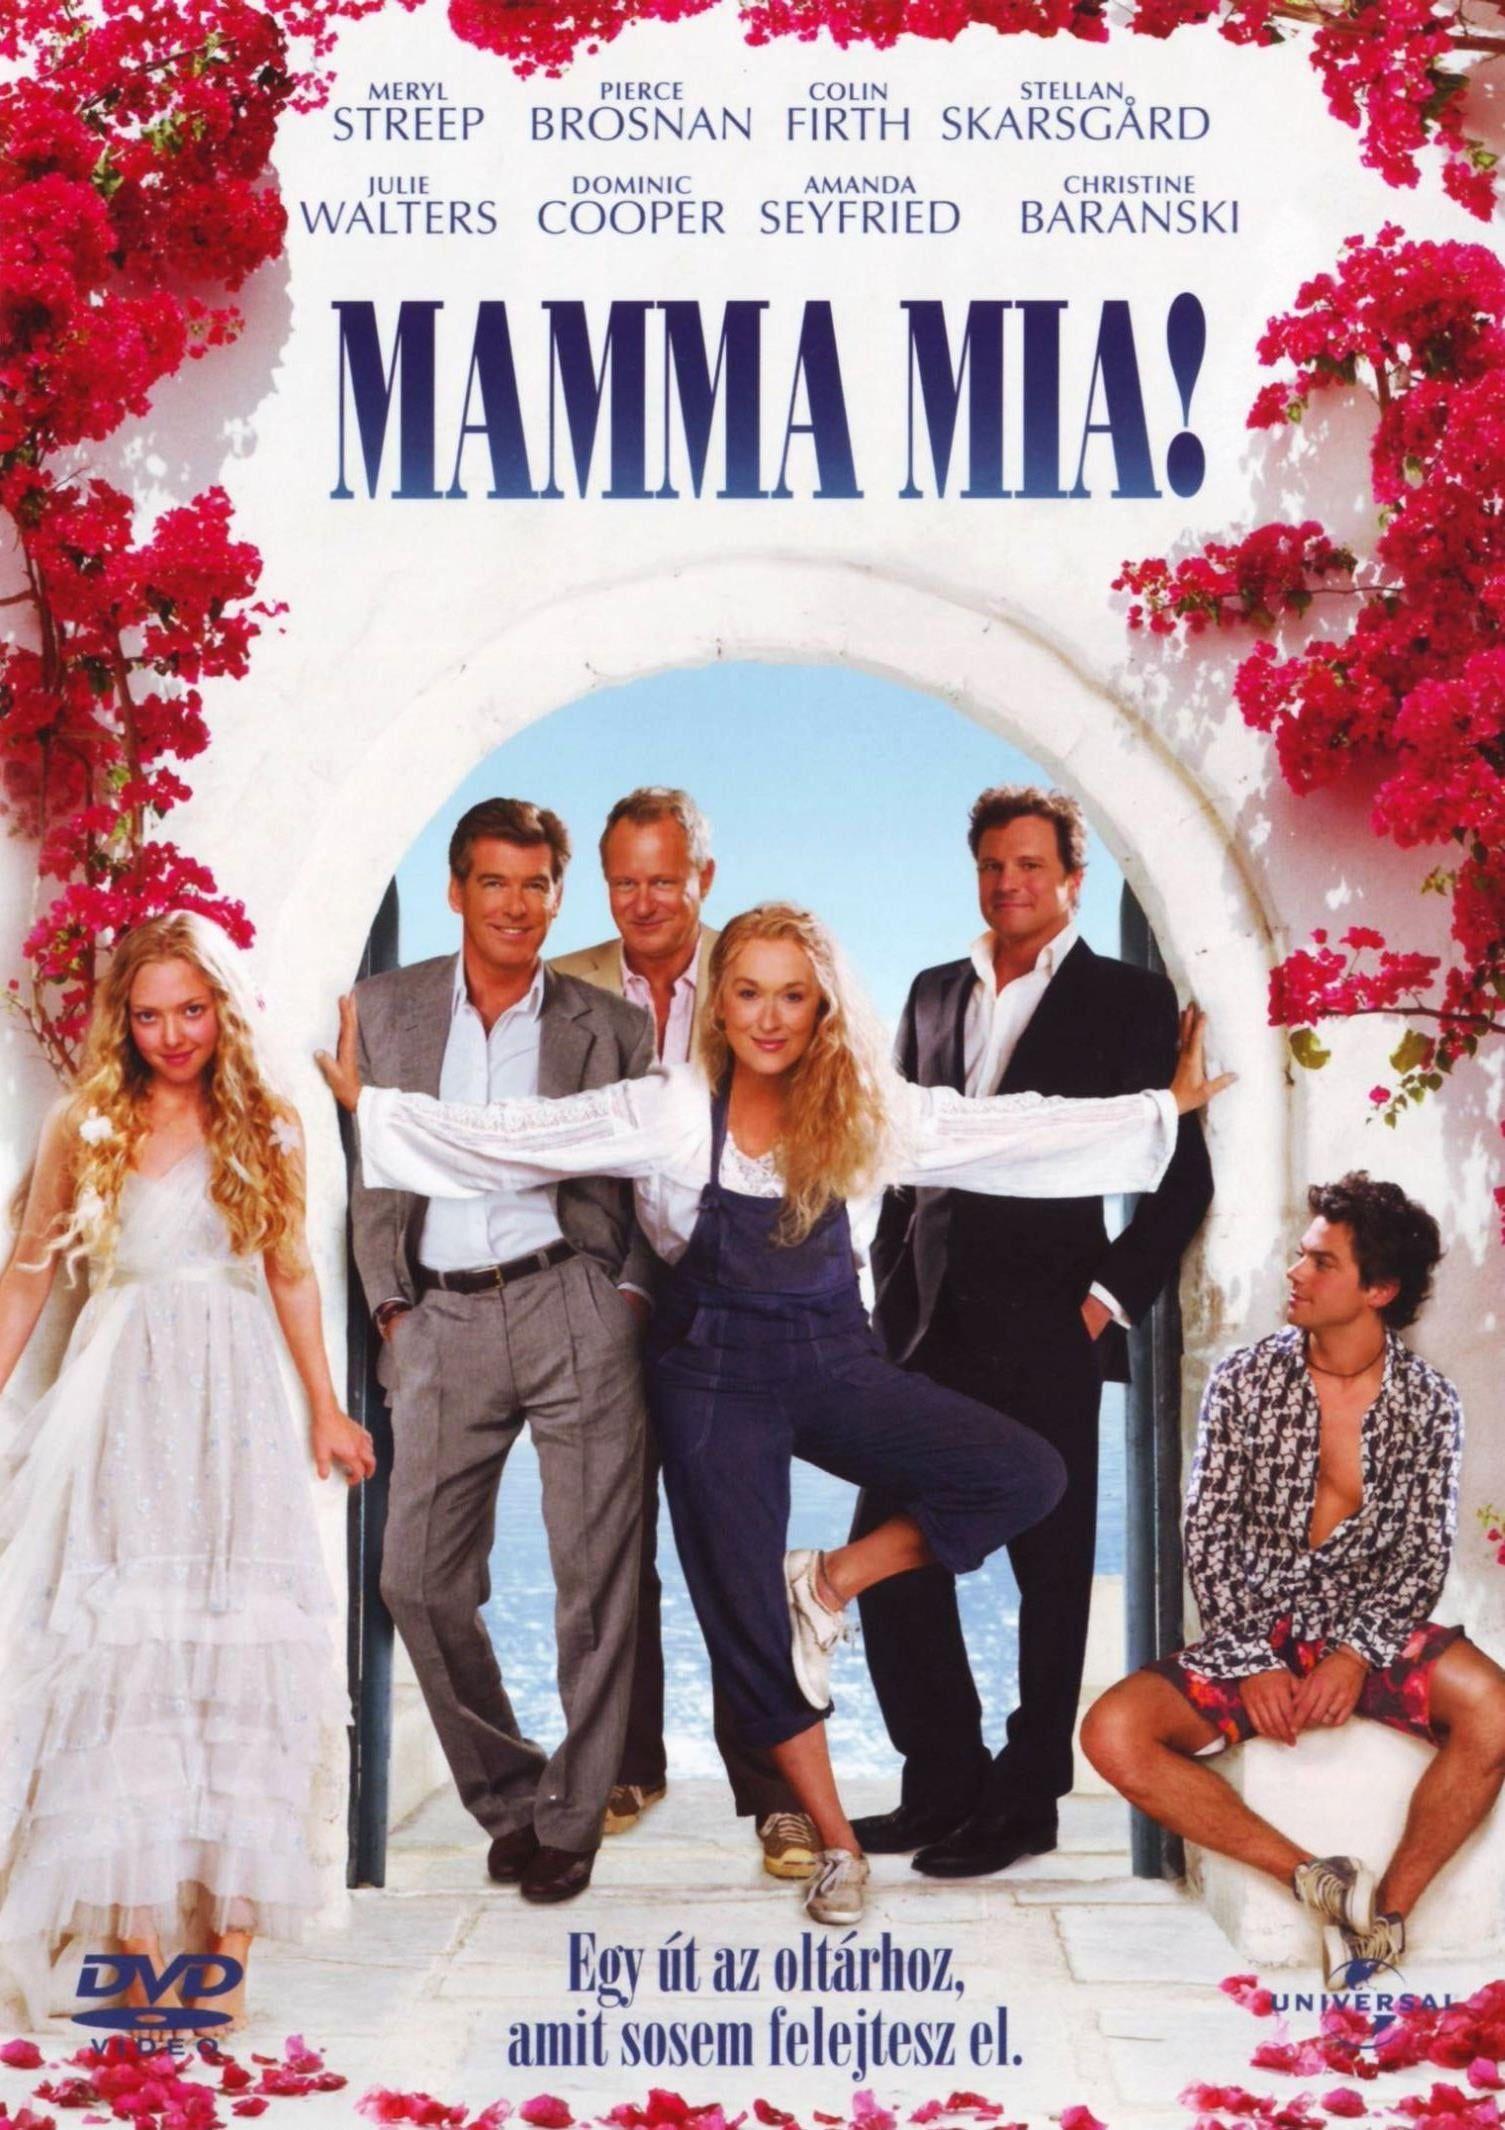 HD-1080p Mamma Mia! 2008 Pelicula Online COMPLETA ESP Gratis en Español Latino HD (With ...